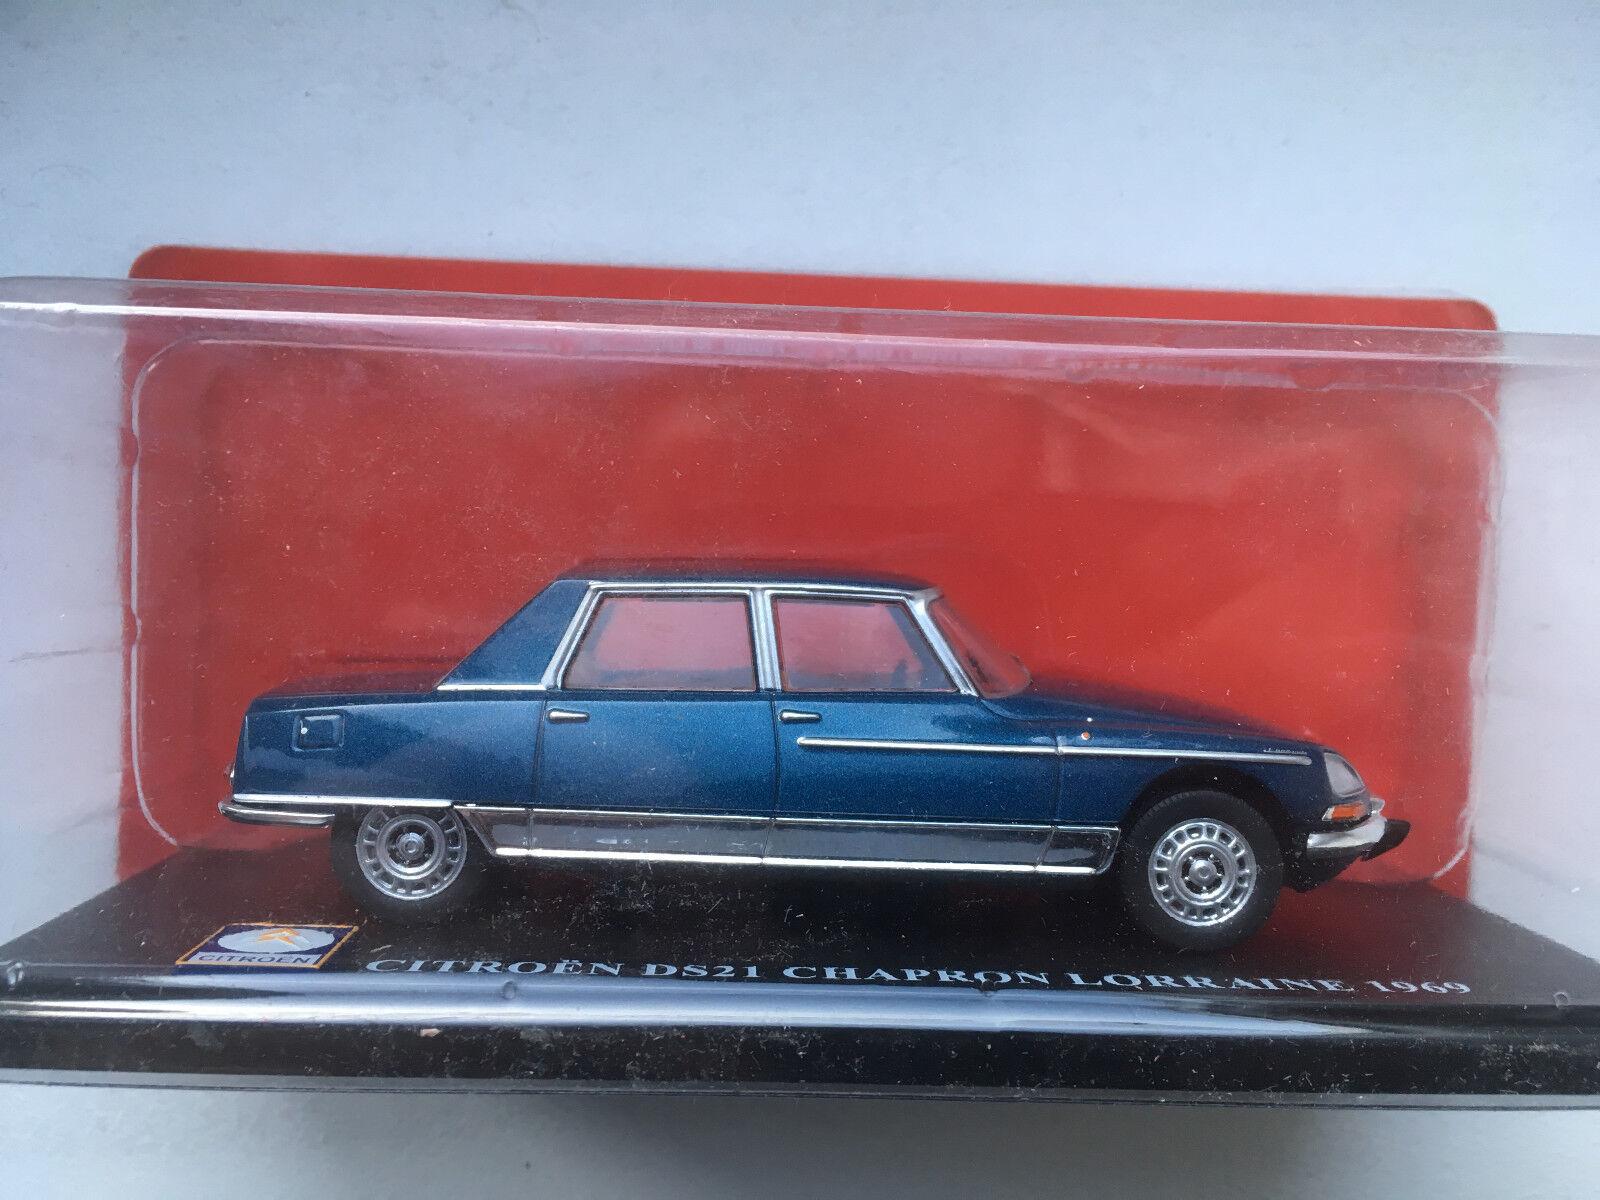 CITROEN DS 21 Chapron  Lorraine 1969 1 43 Neuf en boite I39  marques de mode